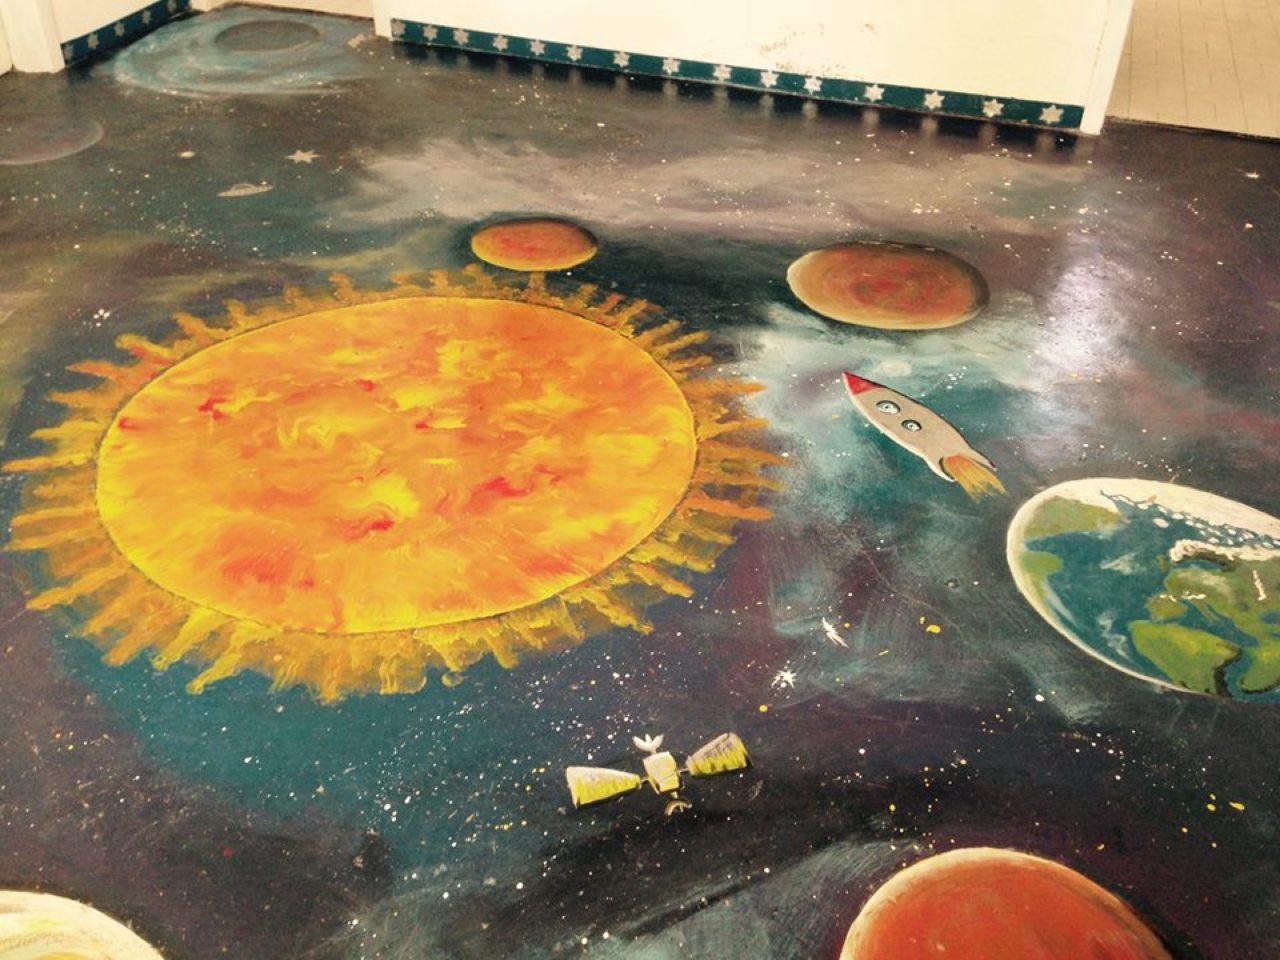 U Područnoj školi Žerava u Zadarskoj županiji,  podovi škole pretvoreni su u jedan novi svemir...